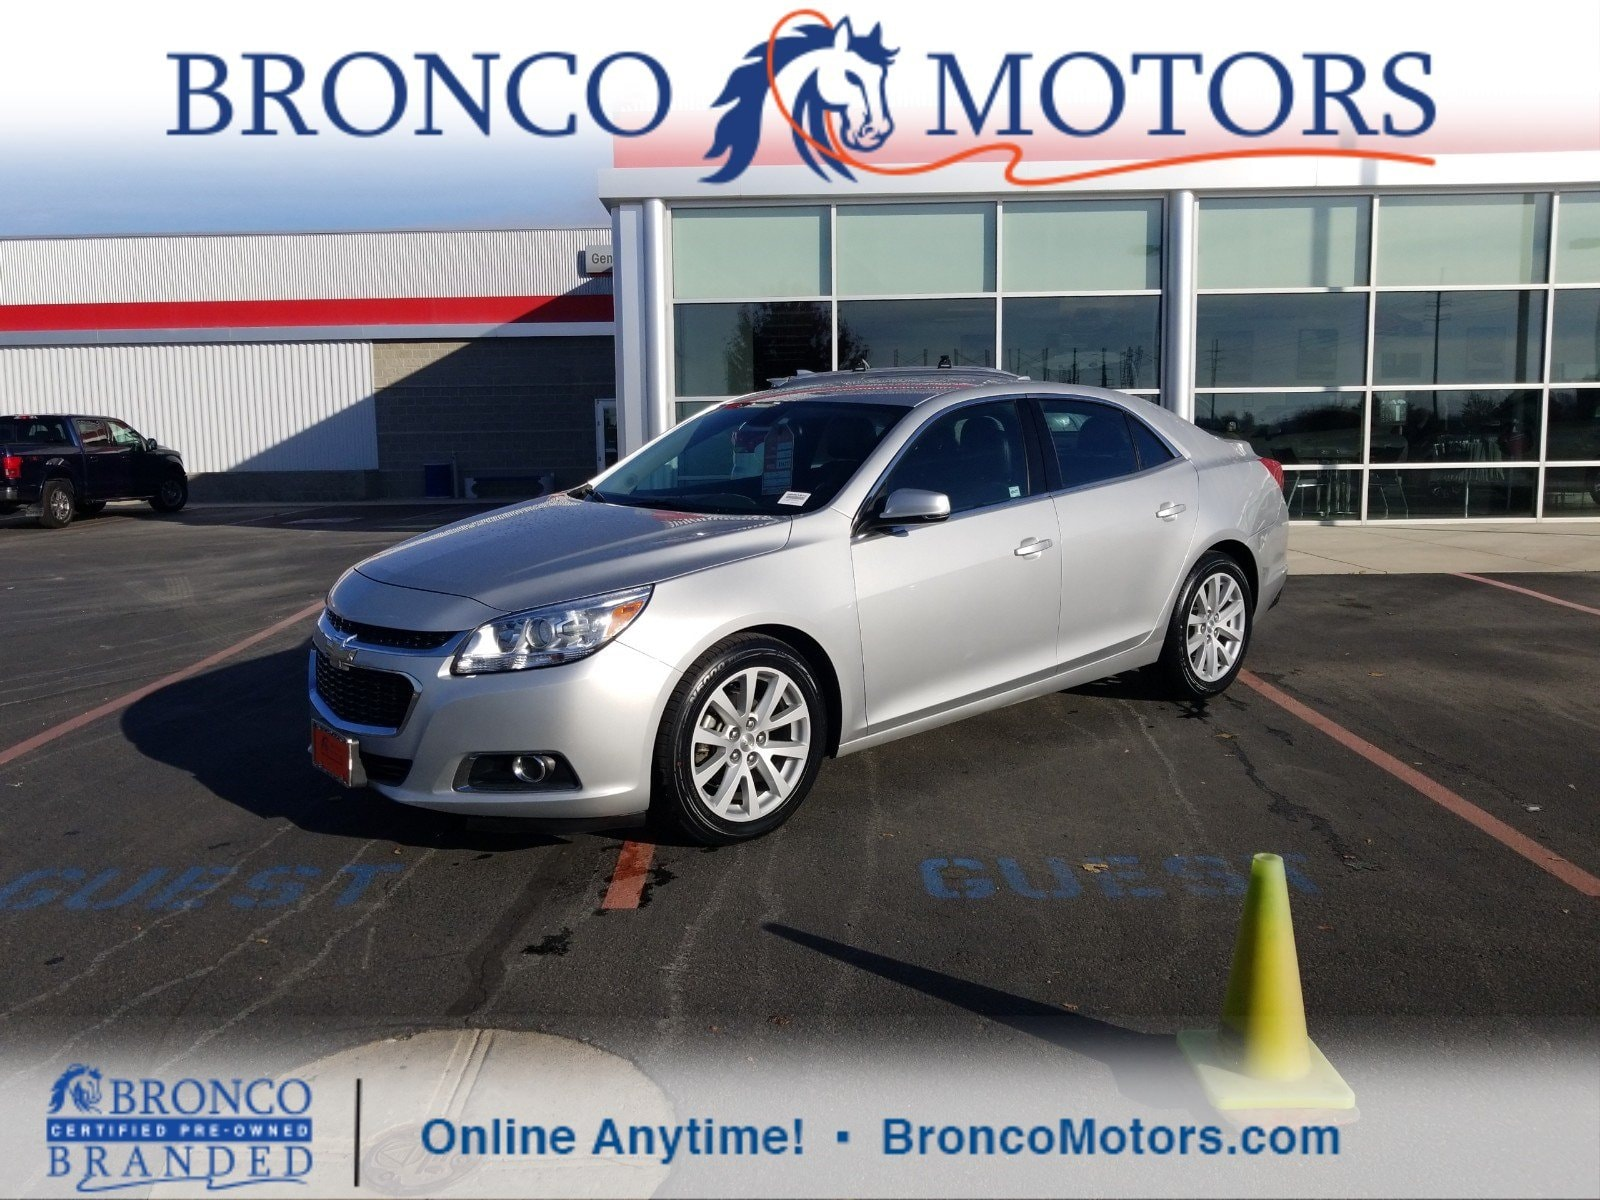 Bronco Motors Family of DealershipsBoiseID